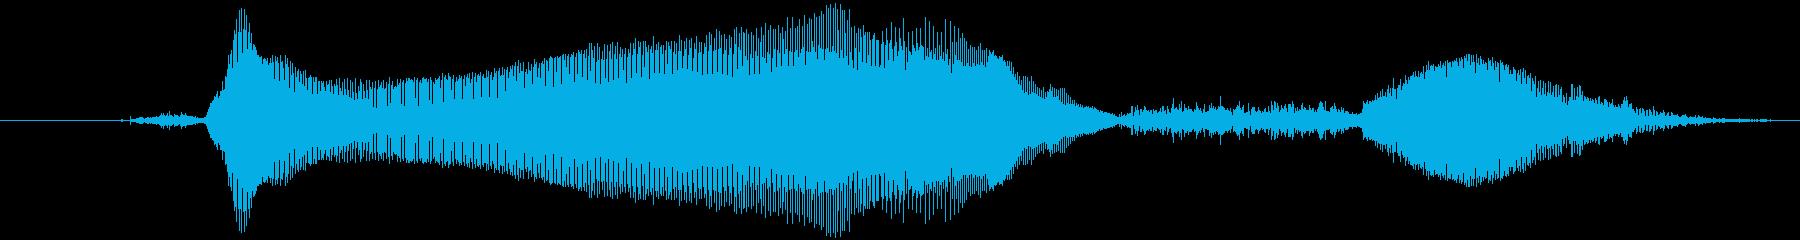 チャーンス!の再生済みの波形